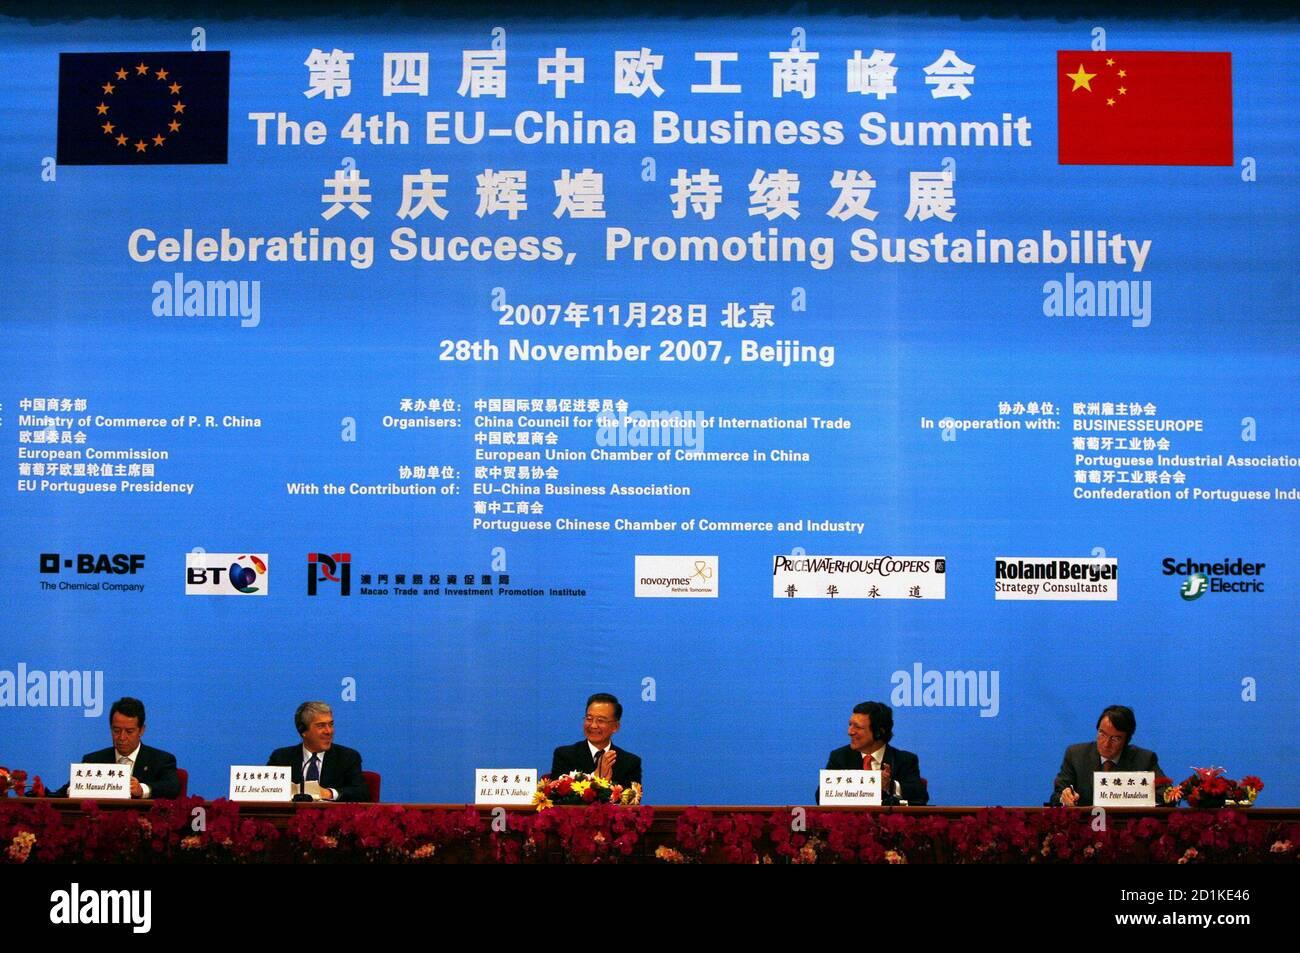 El primer Ministro de China, Wen Jiabao (C), se encuentra entre el primer Ministro de Portugal y el Presidente de la Unión Europea, José Sócrates (2o L), y el Presidente de la Comisión Europea, José Manuel Barroso (2o R). En la ceremonia de clausura de la IV Cumbre Empresarial Unión Europea-China en el Gran Salón del Pueblo de Beijing el 28 de noviembre de 2007. El ministro de Economía de Portugal, Manuel Pinho (L), y el Comisario de Comercio de la UE, Peter Mandelson (R). REUTERS/David Grey (CHINA) Foto de stock